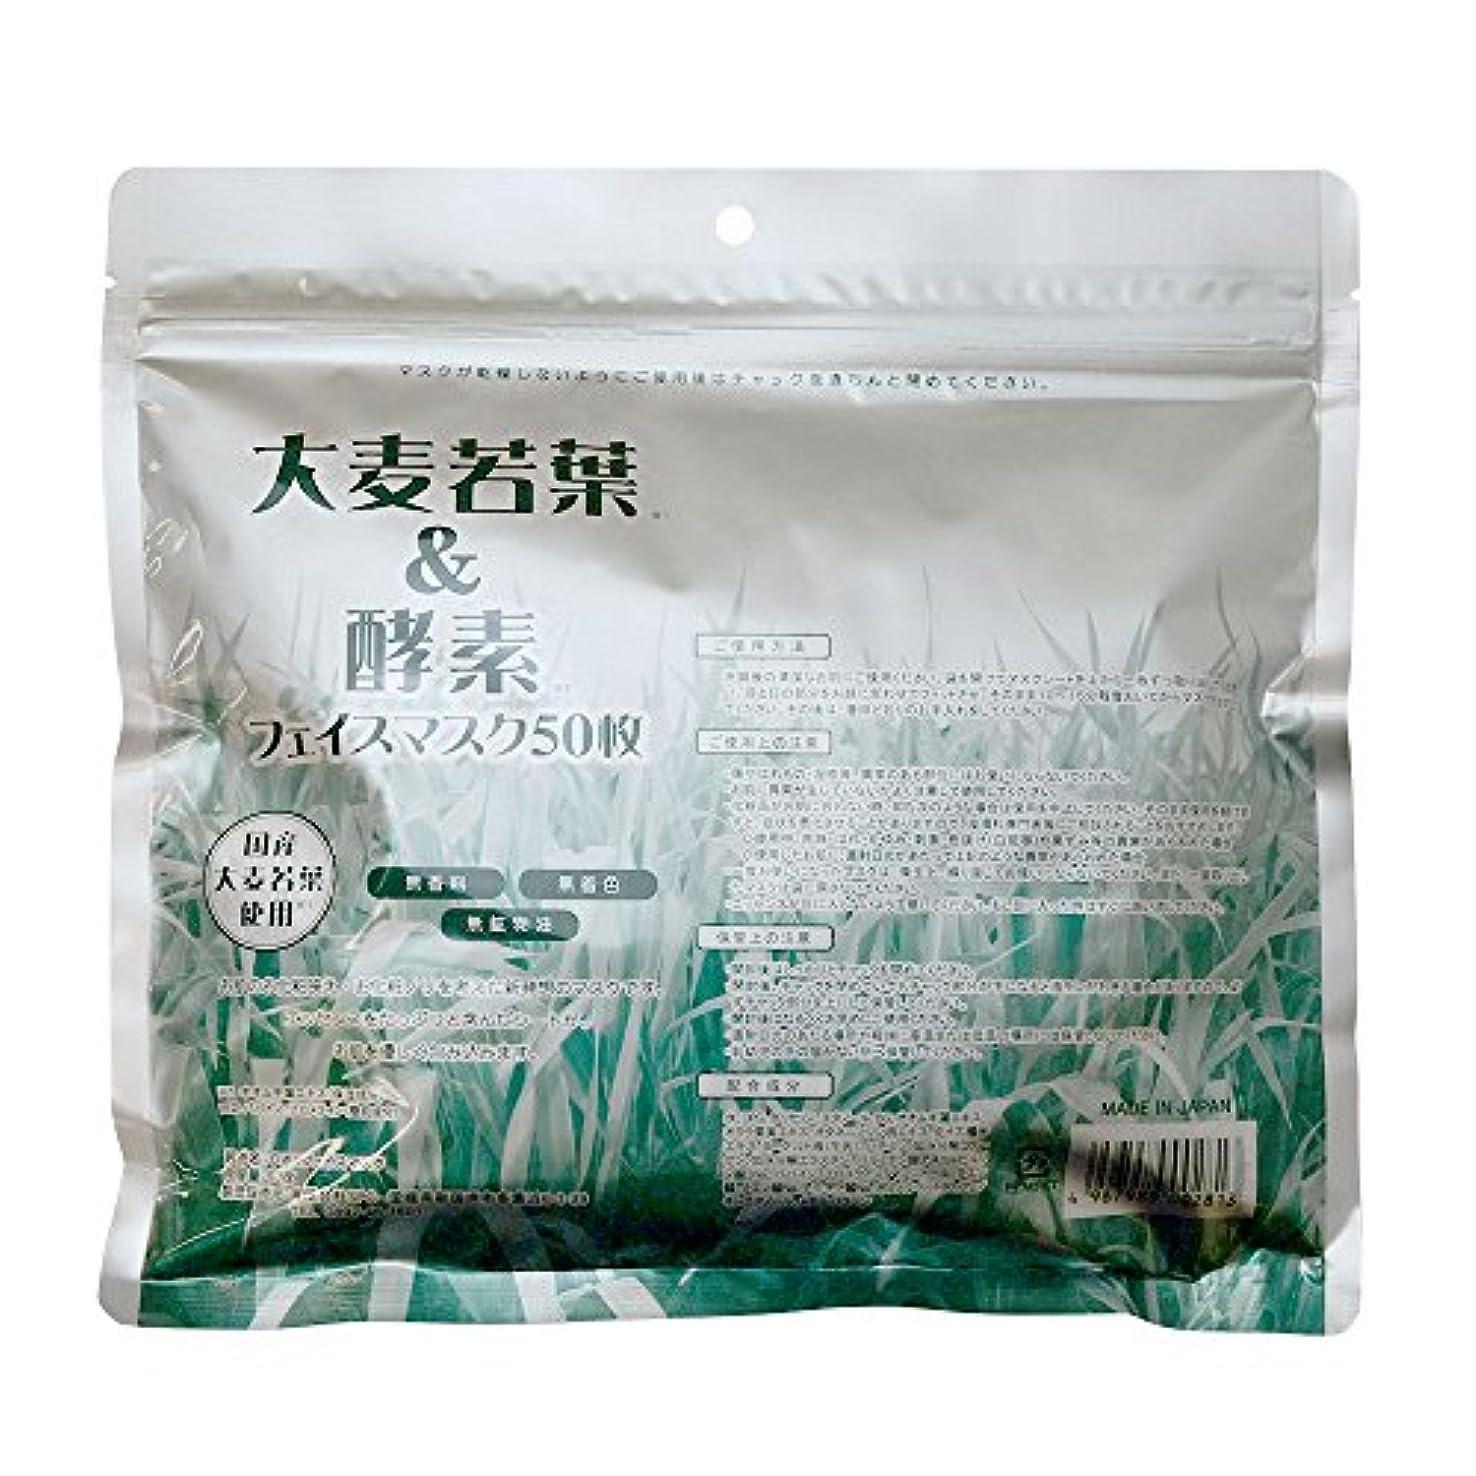 優先露出度の高い風変わりな大麦若葉&酵素 フェイスマスク 50枚入り